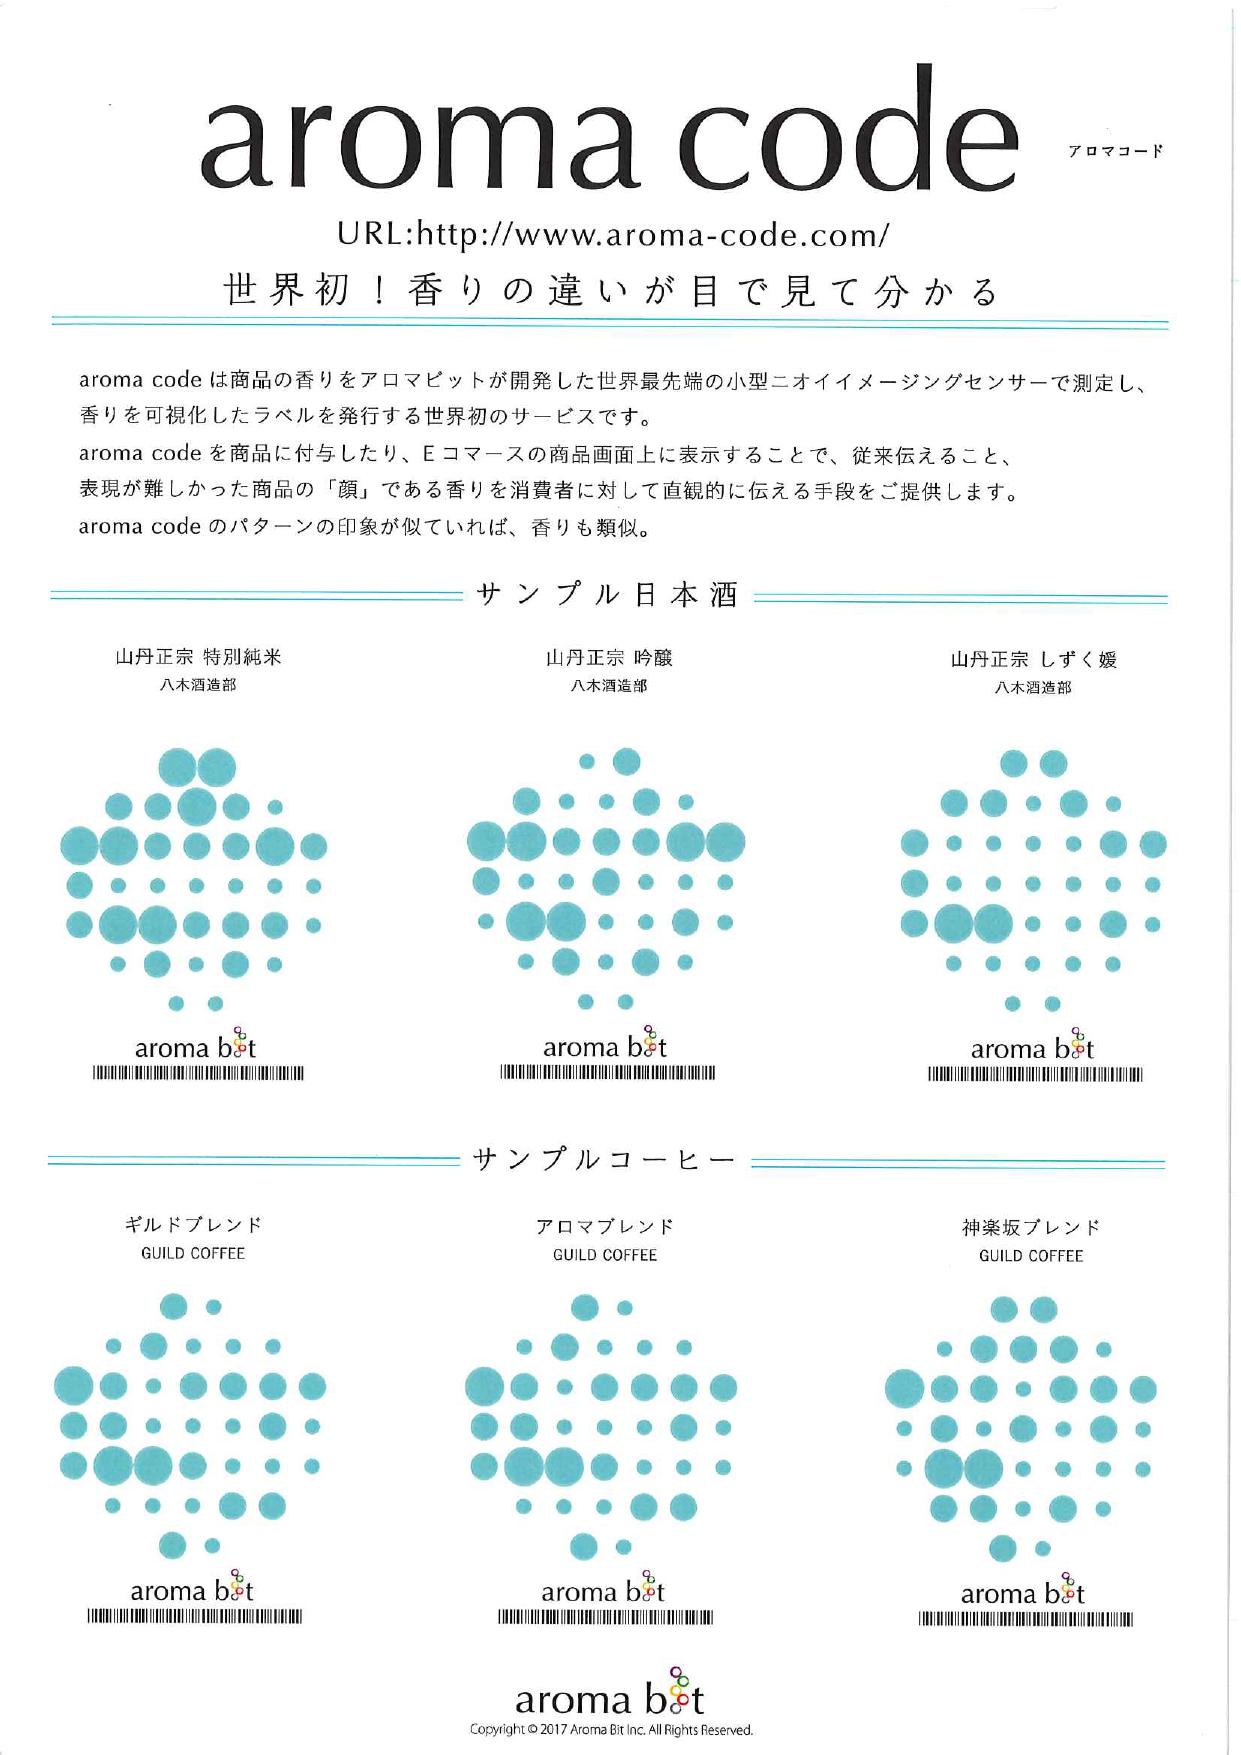 可視化スマートラベル発行サービス aroma code